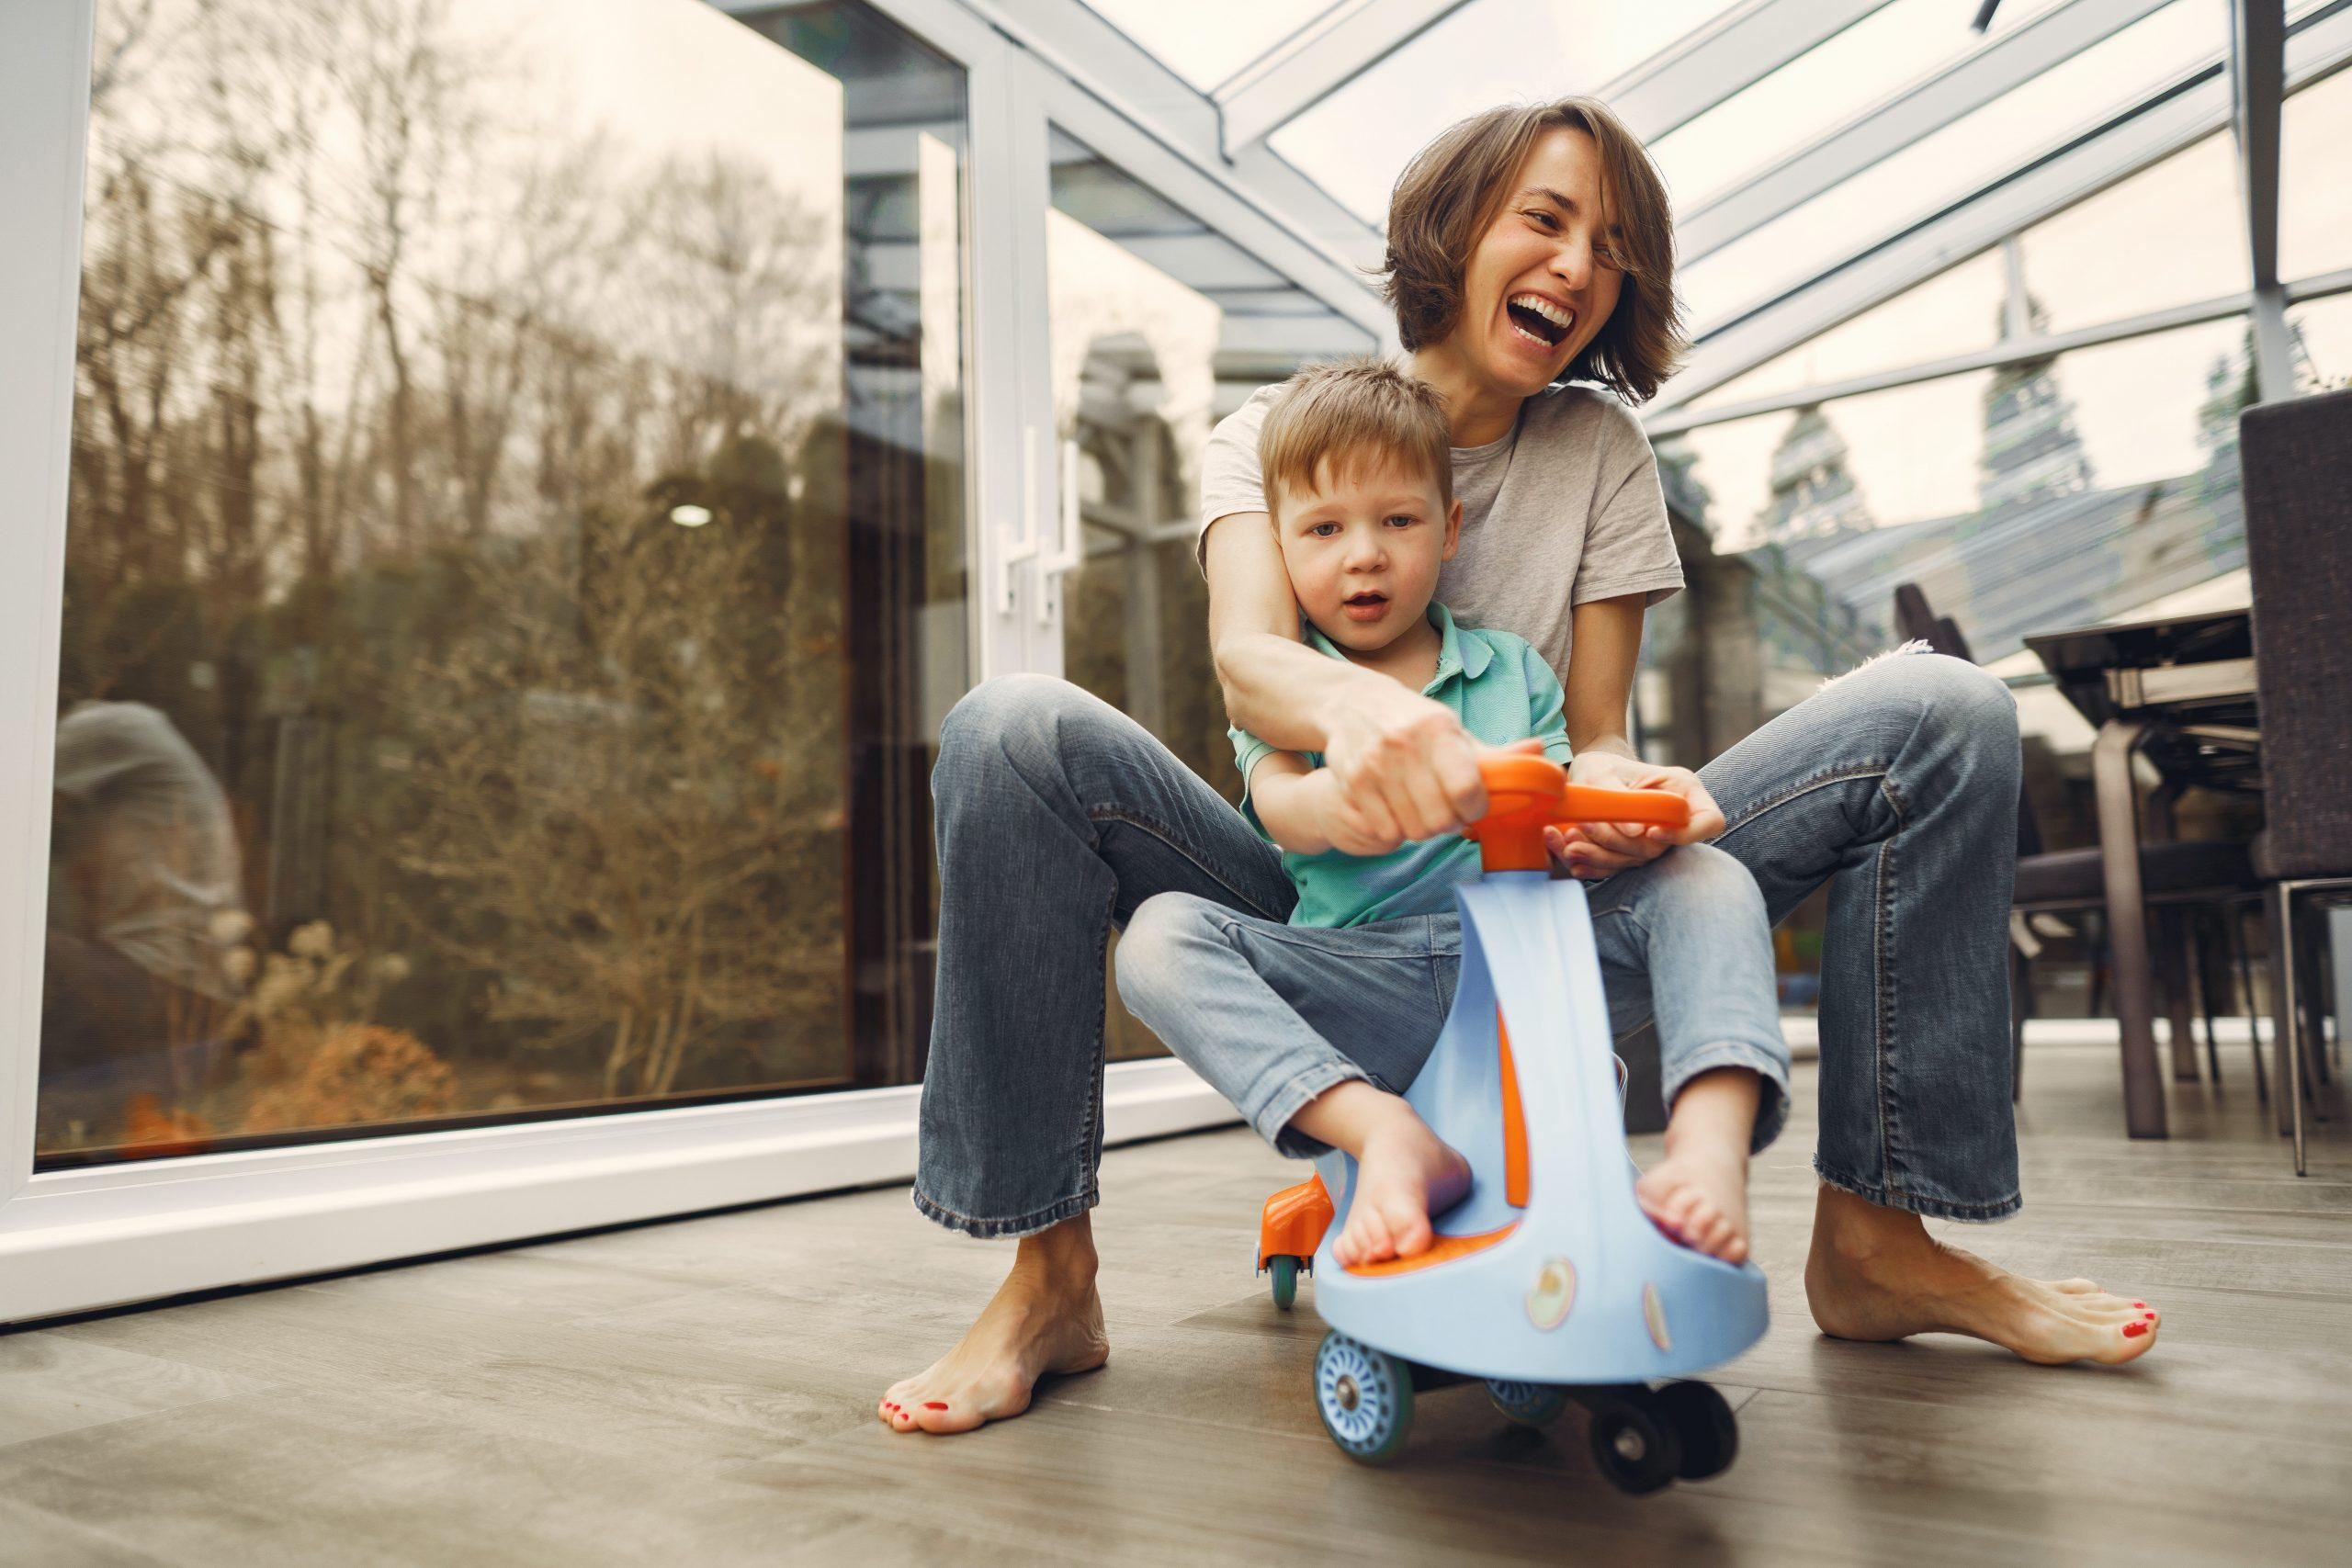 In spatele unui copil sanatos ar trebui sa fie o mama care are grija de propria sanatate